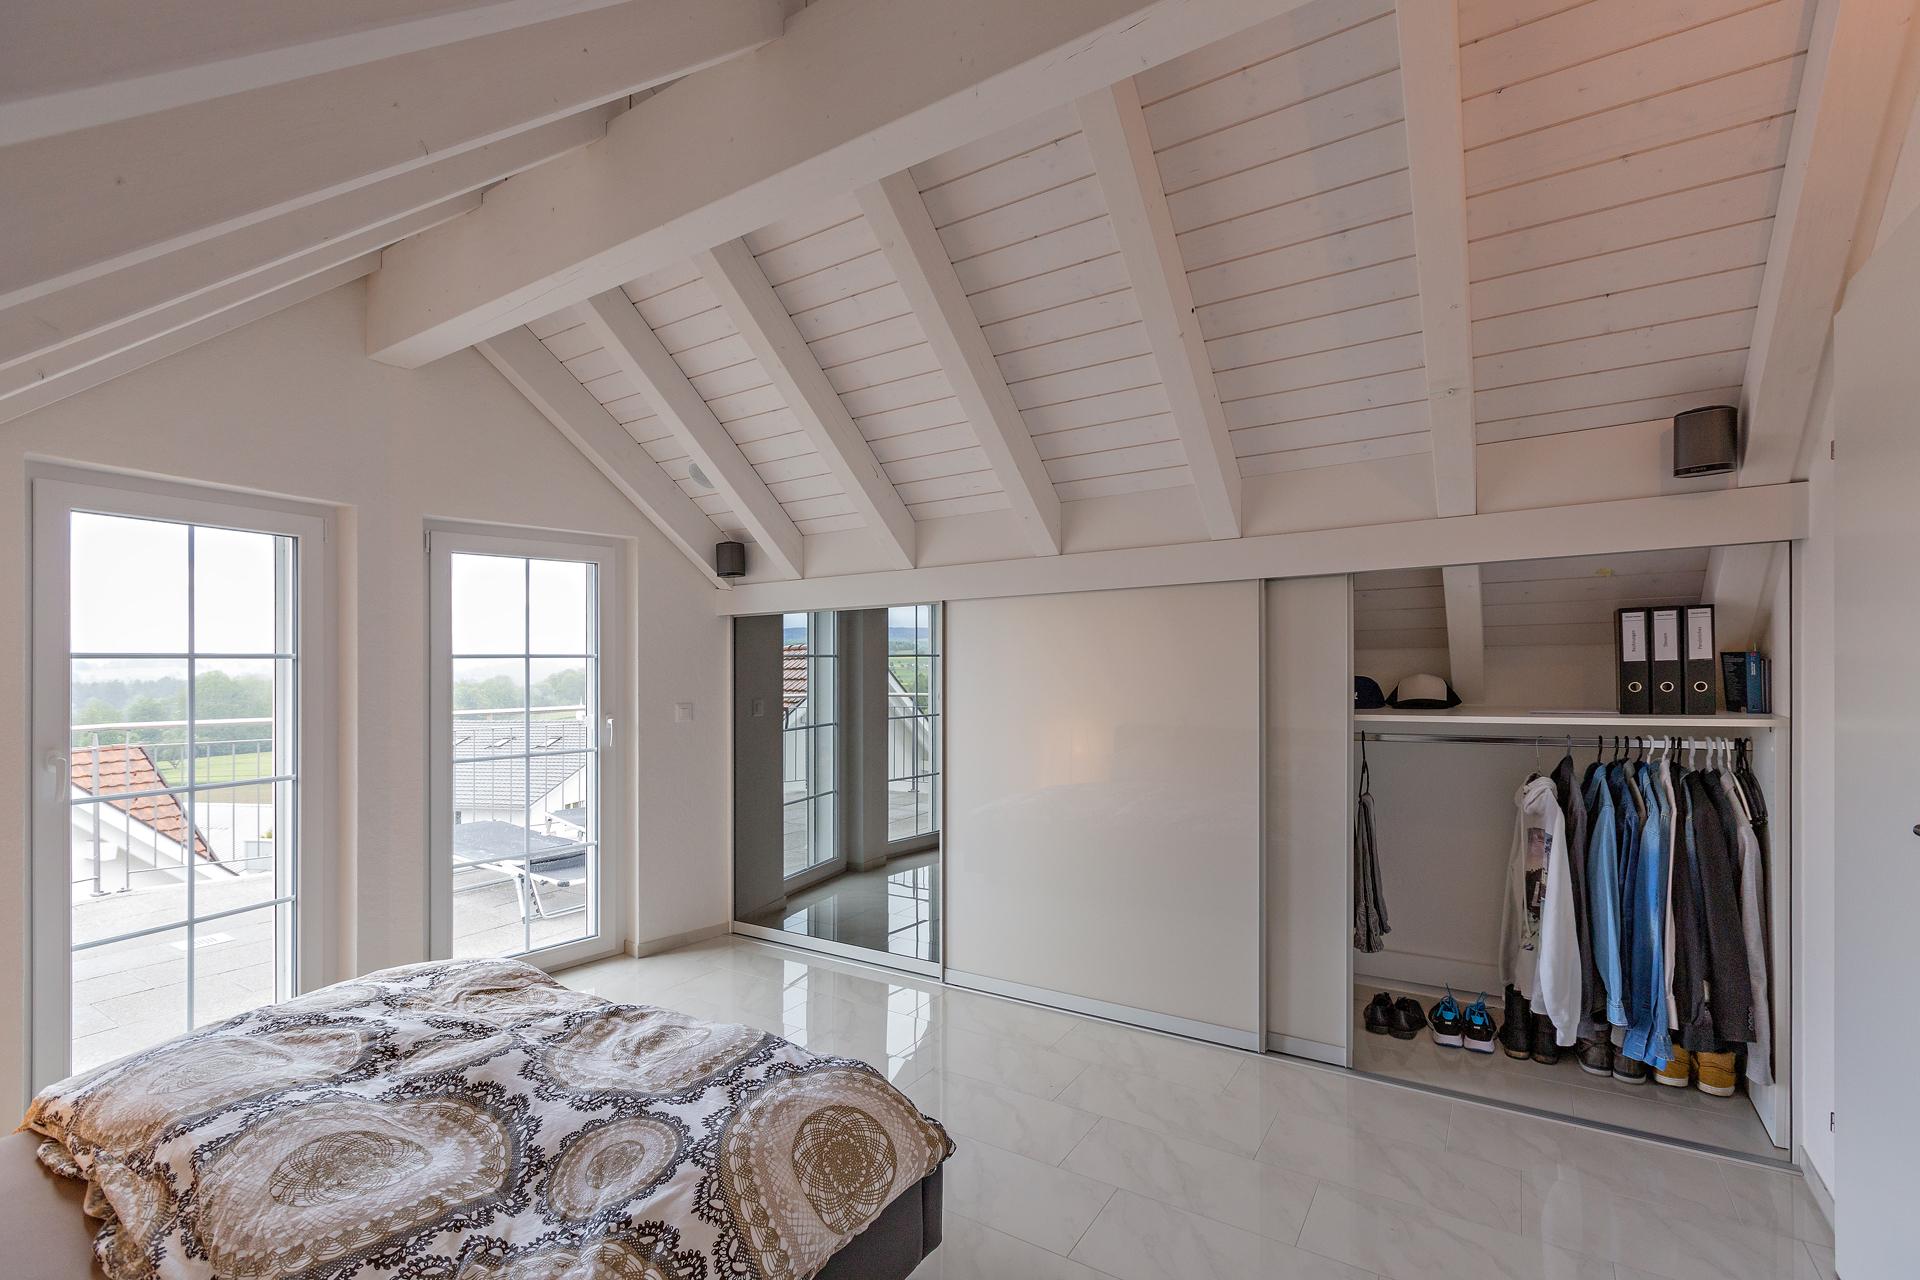 Schrank in der Dachschräge nach Mass Dachschrägenschrank für Kleider ...